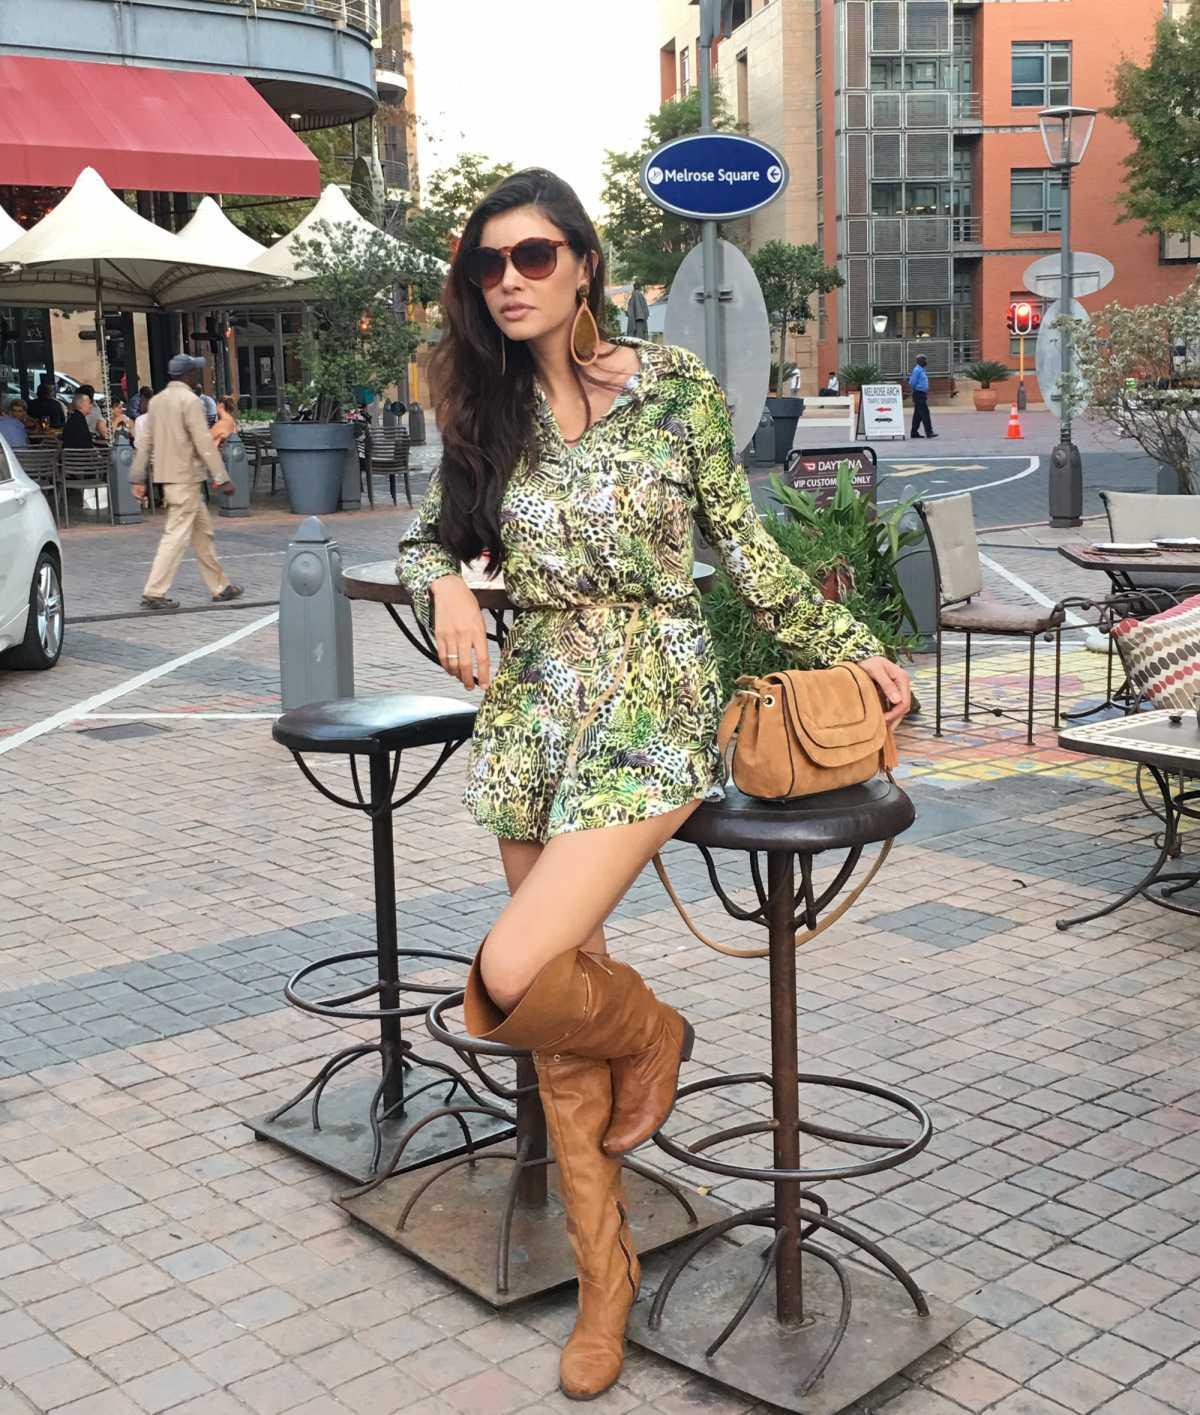 vestido verde com flores e bota cano longo